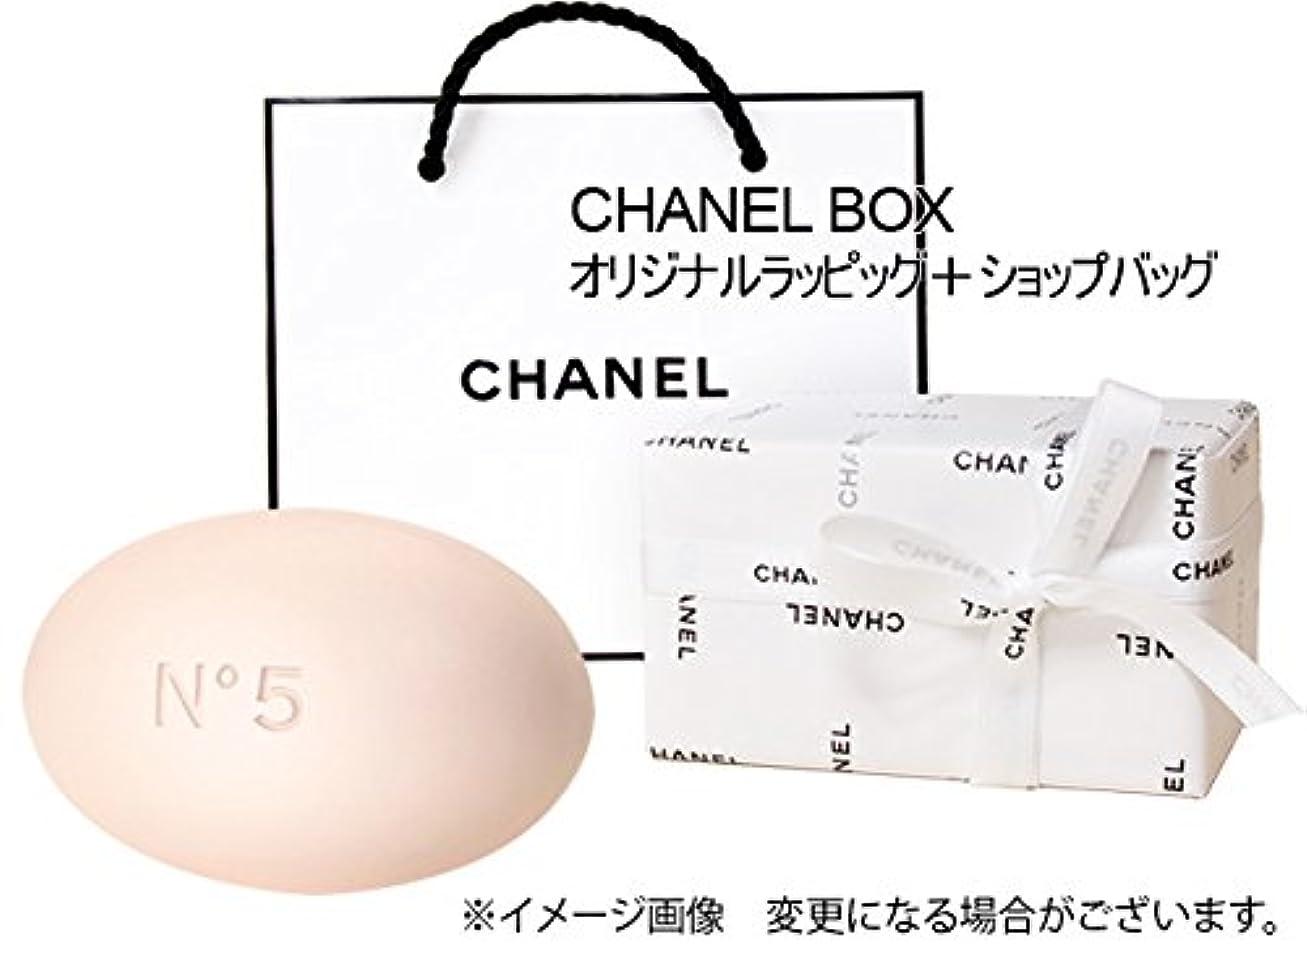 目に見えるインストラクタータオルシャネル(CHANEL) N°5 サヴォン 150g CHANEL BOX オリジナルラッピング+ショップバッグ[並行輸入品]